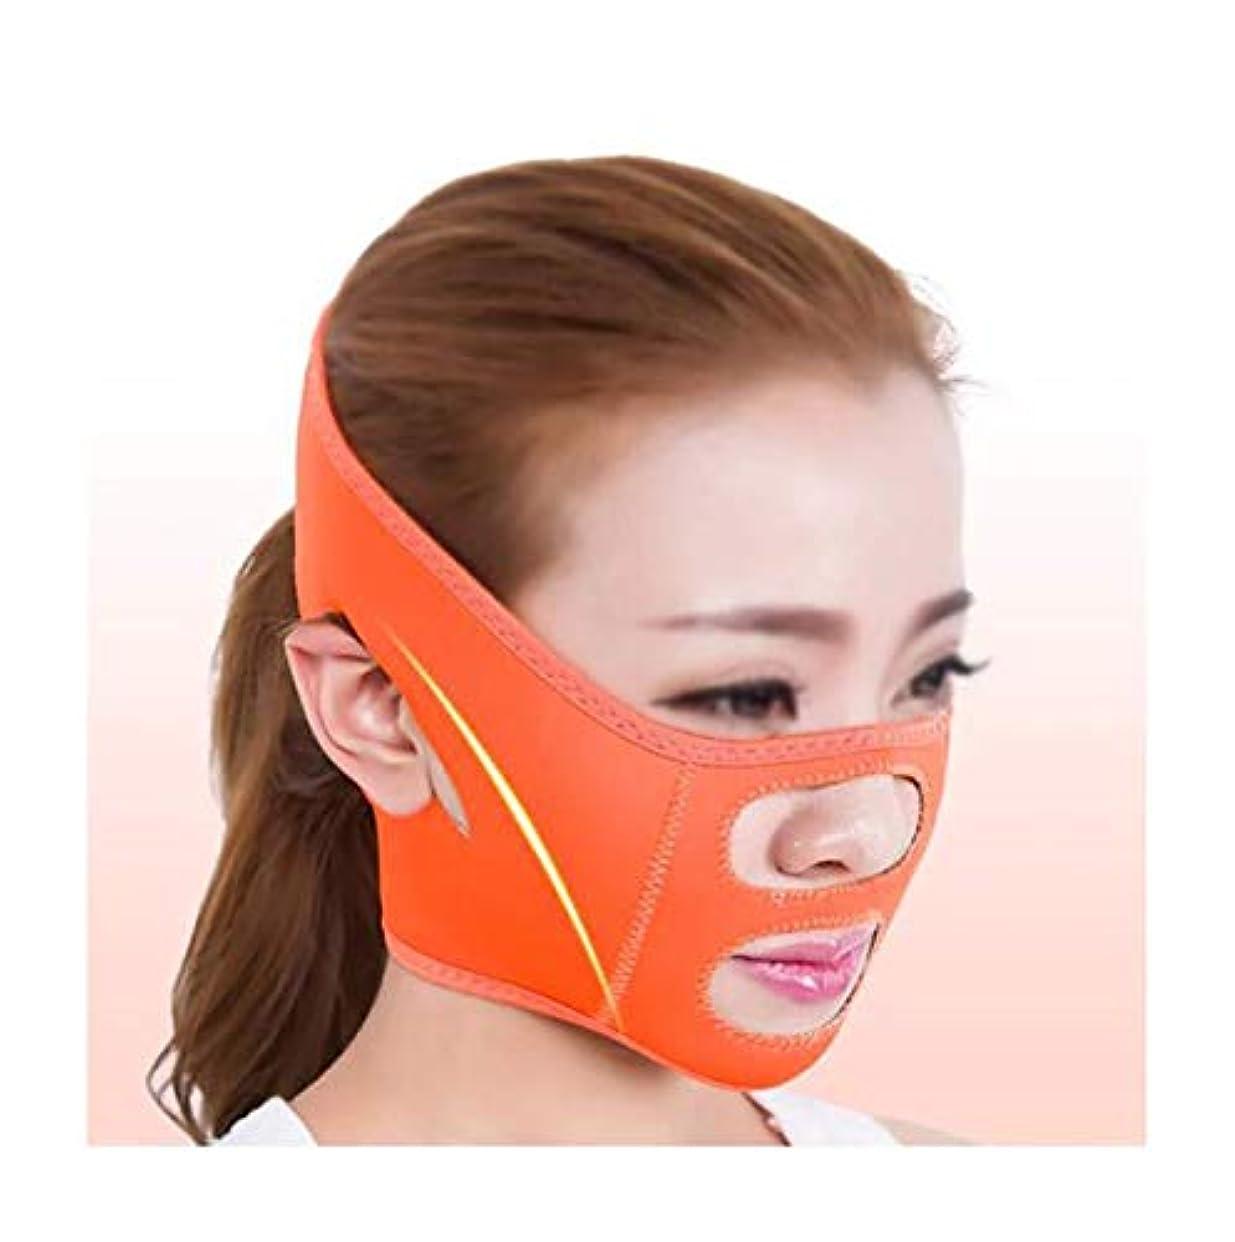 機動クレタチケットファーミングフェイスマスク、術後リフティングマスクホーム包帯揺れネットワーク赤女性Vフェイスステッカーストラップ楽器顔アーティファクト(色:青),オレンジ